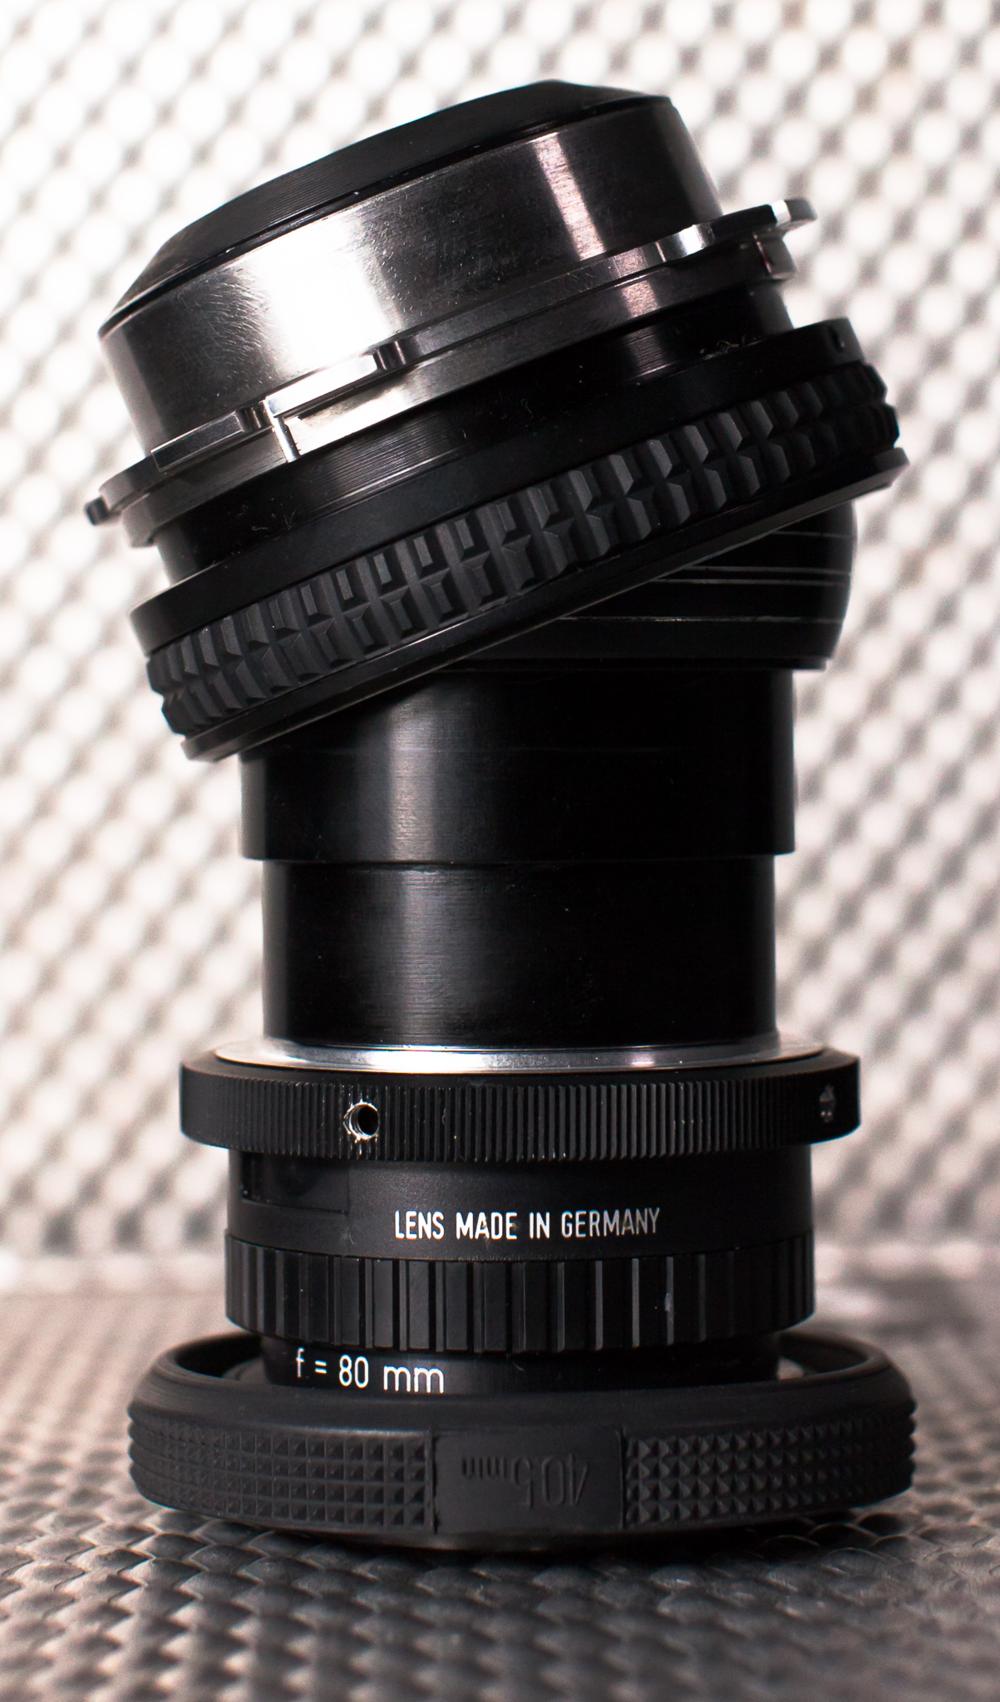 LensesTemp-8835.jpg